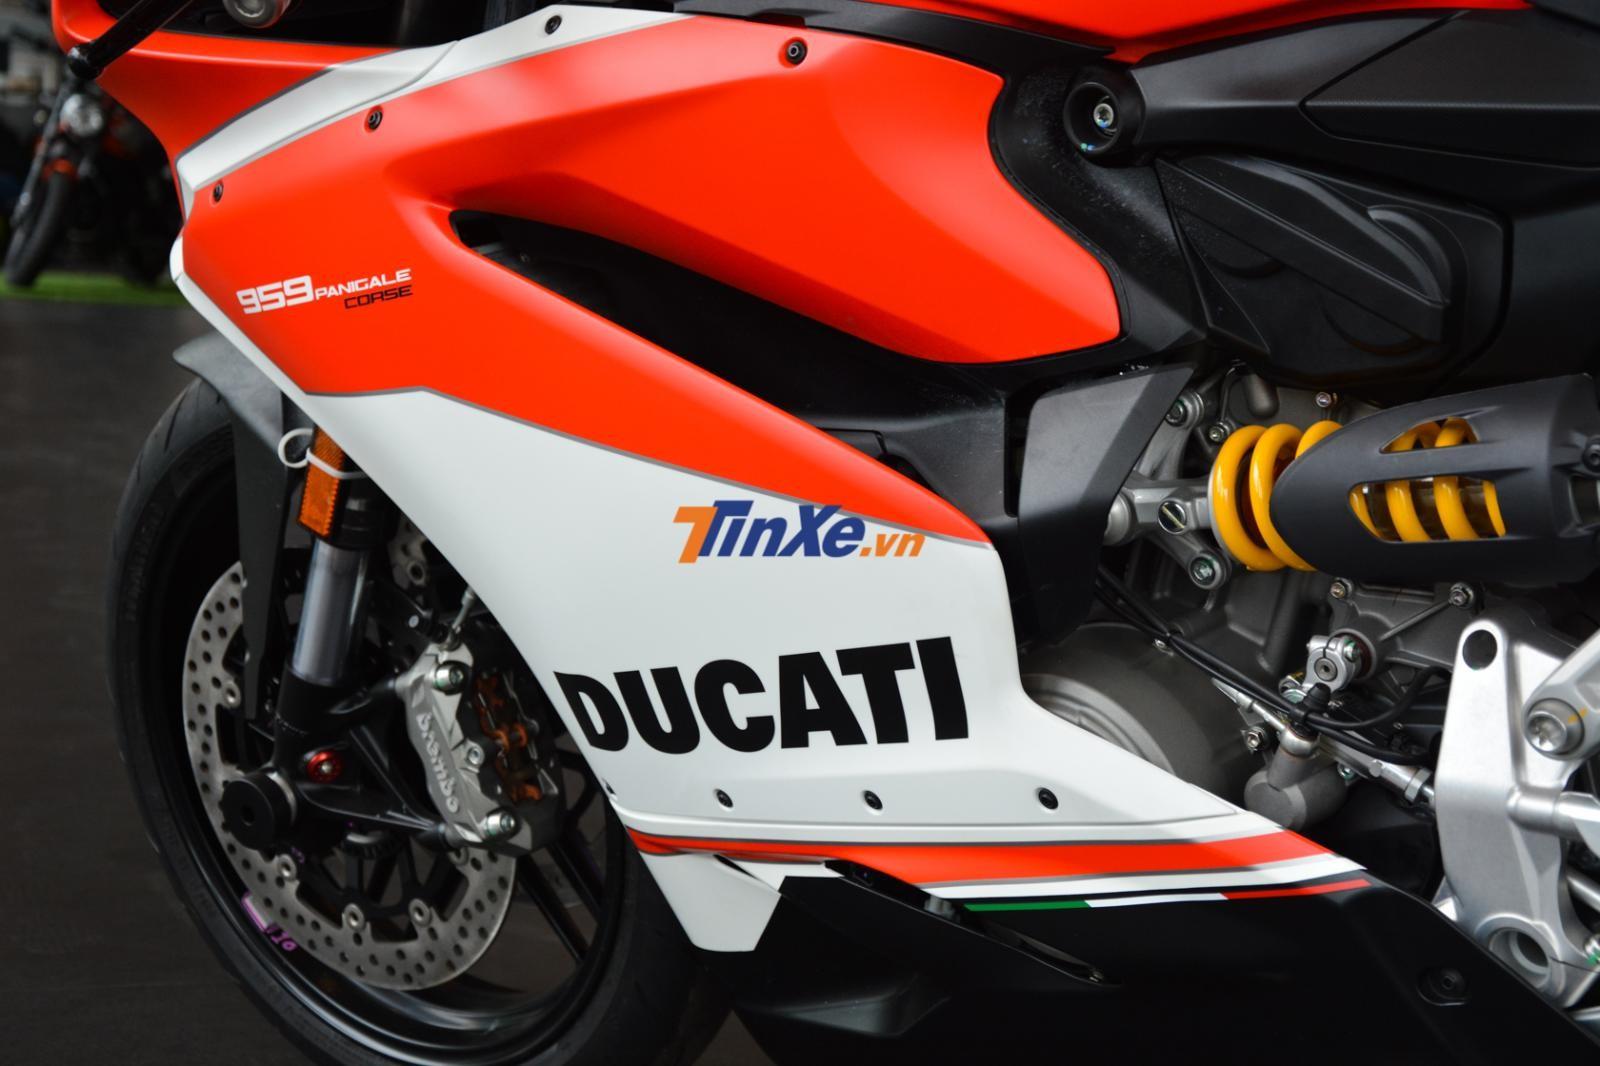 dàn áo của Ducati 959 Panigale Corse còn xuất hiện dải 3 màu xanh lá cây, trắng và đỏ tượng trưng Quốc kỳ nước Ý